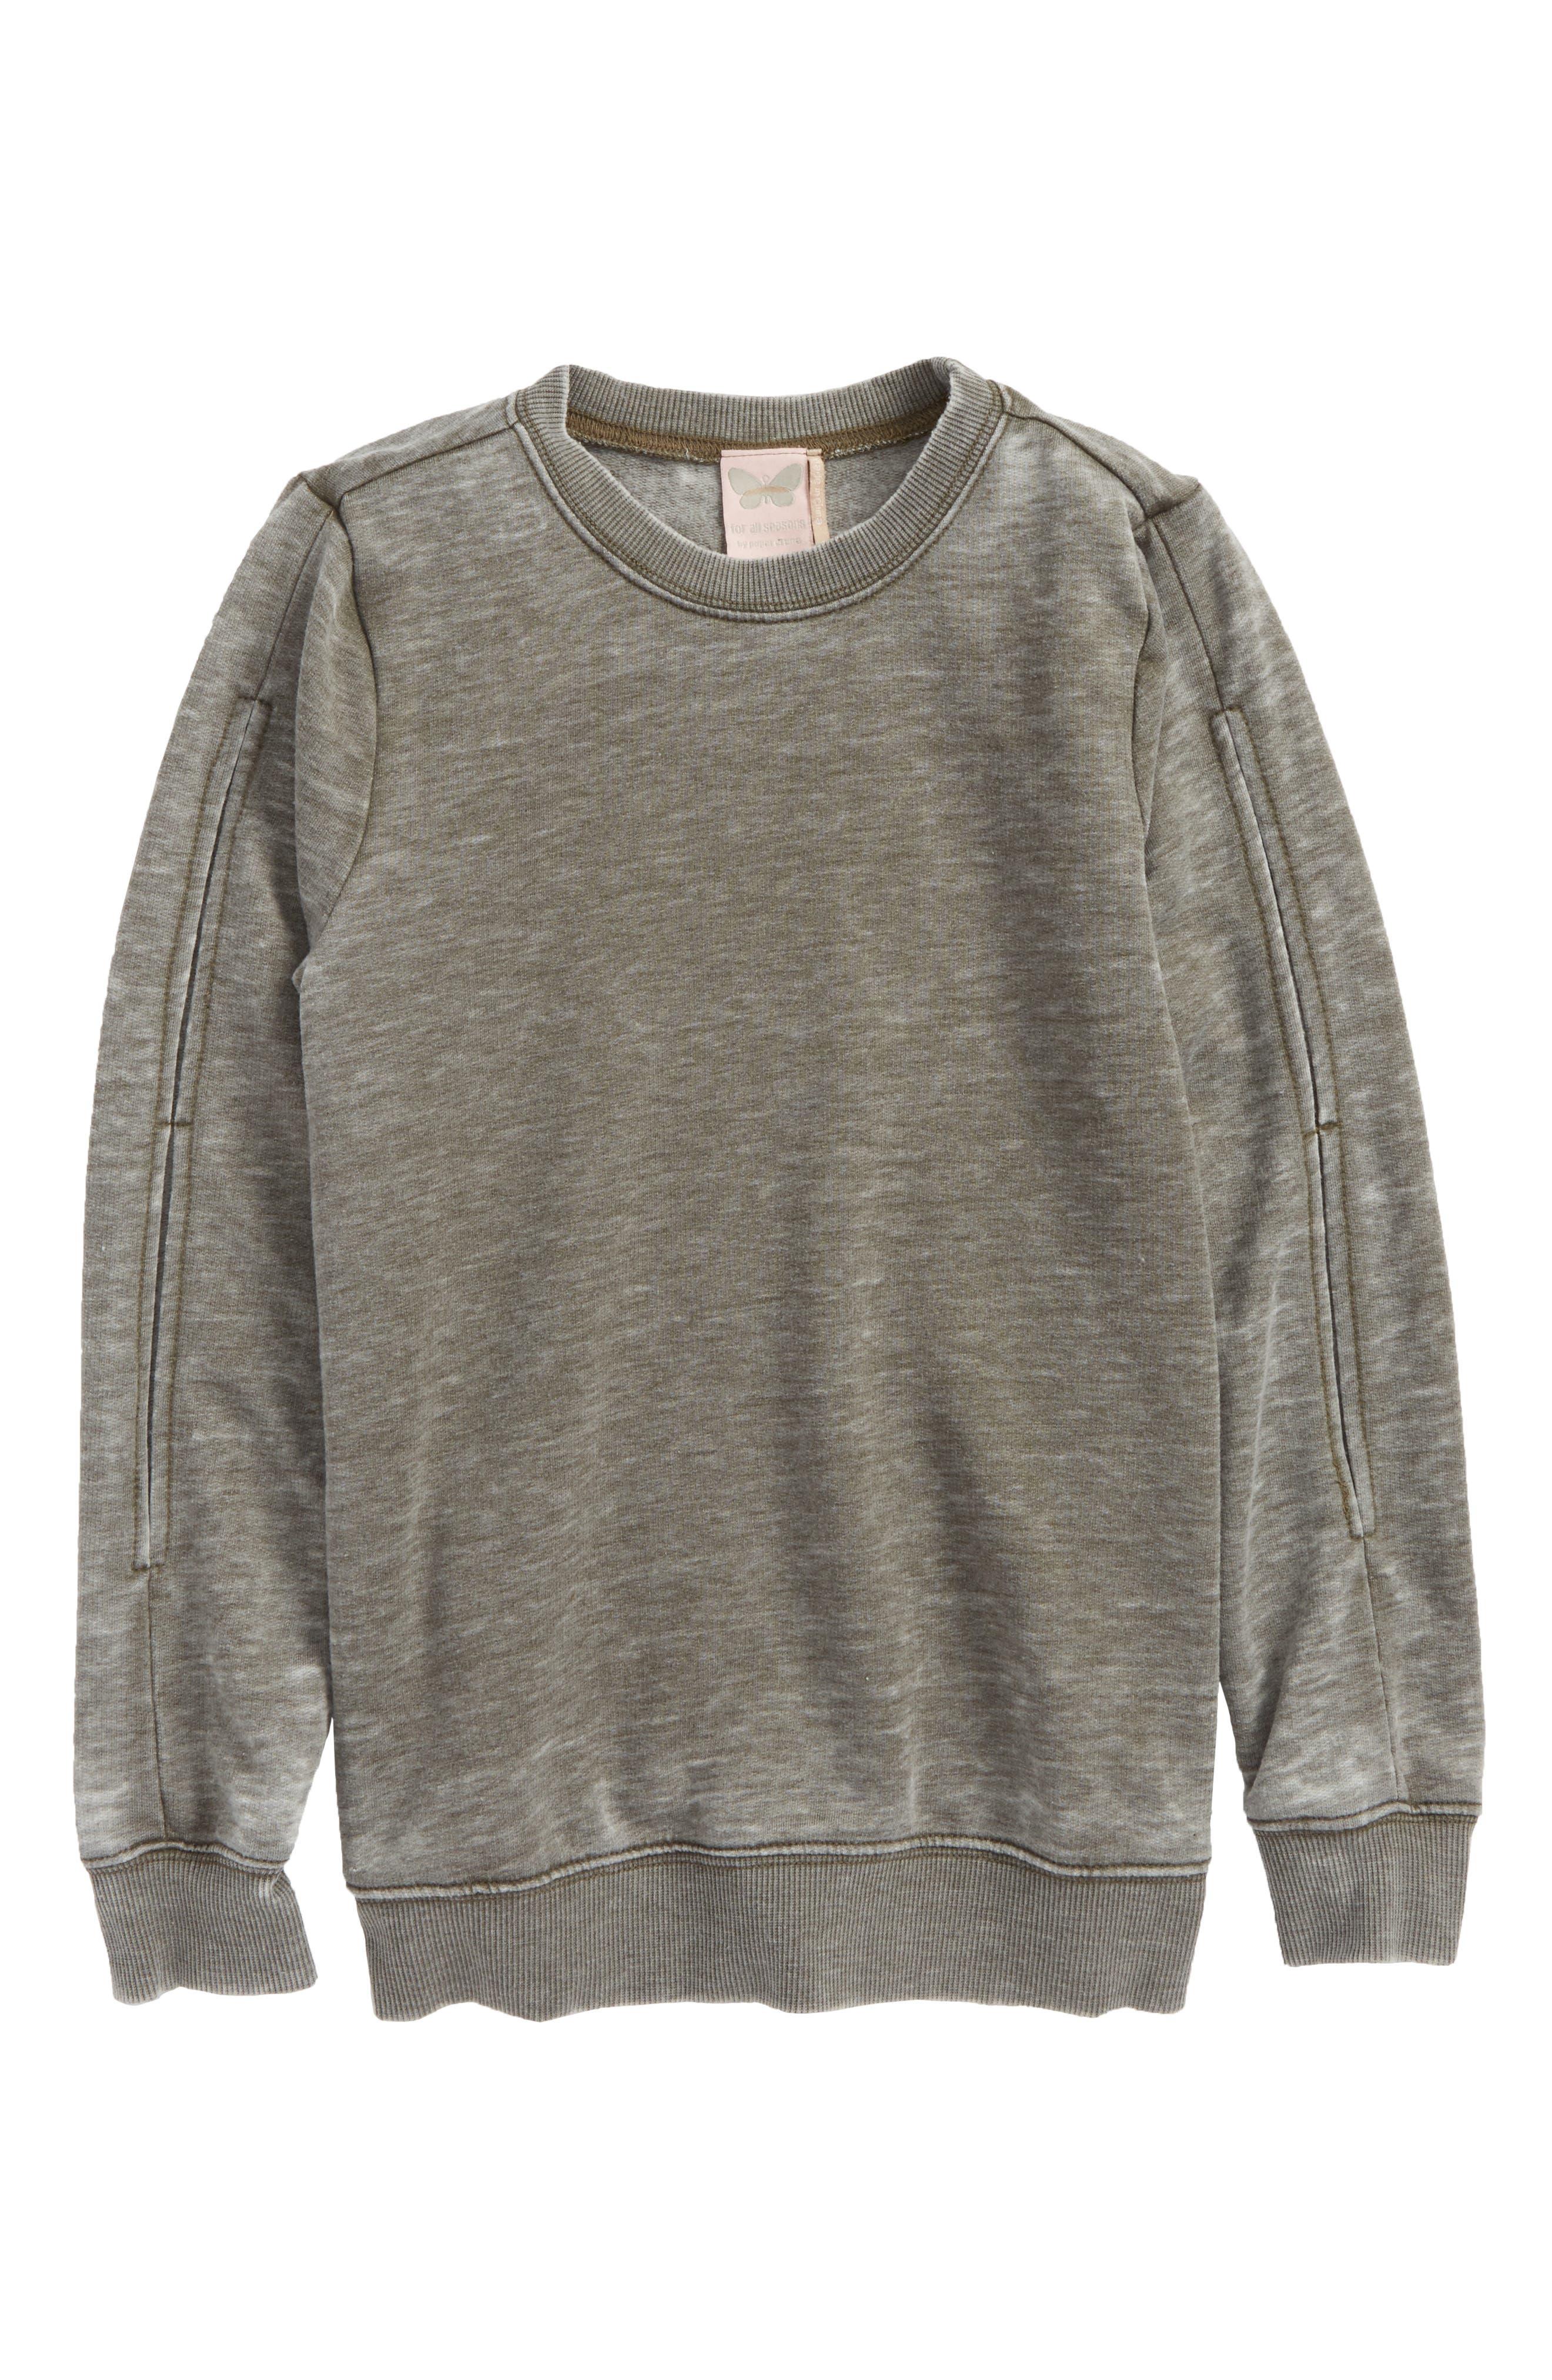 Mineral Wash Sweatshirt,                         Main,                         color, Olive